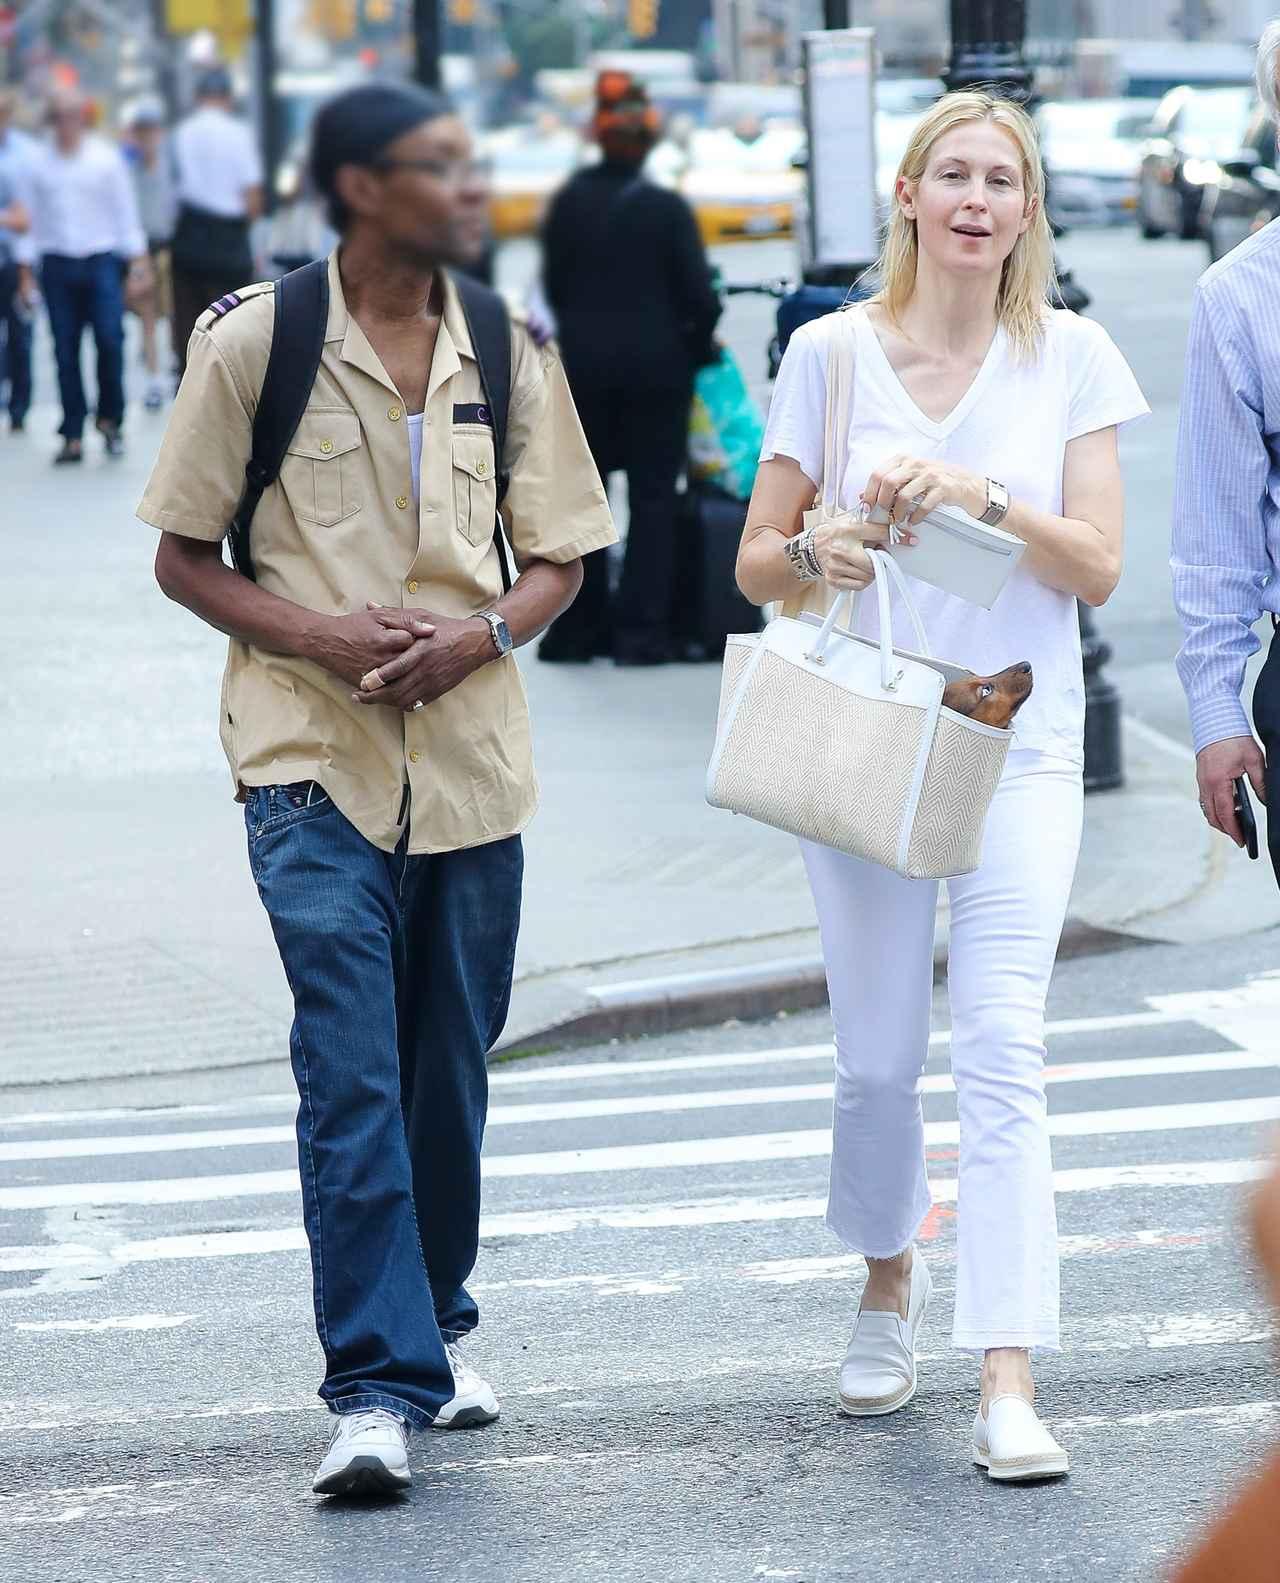 画像3: 『ゴシップガール』女優ケリー・ラザフォード、道でホームレス男性に声かけられ・・・